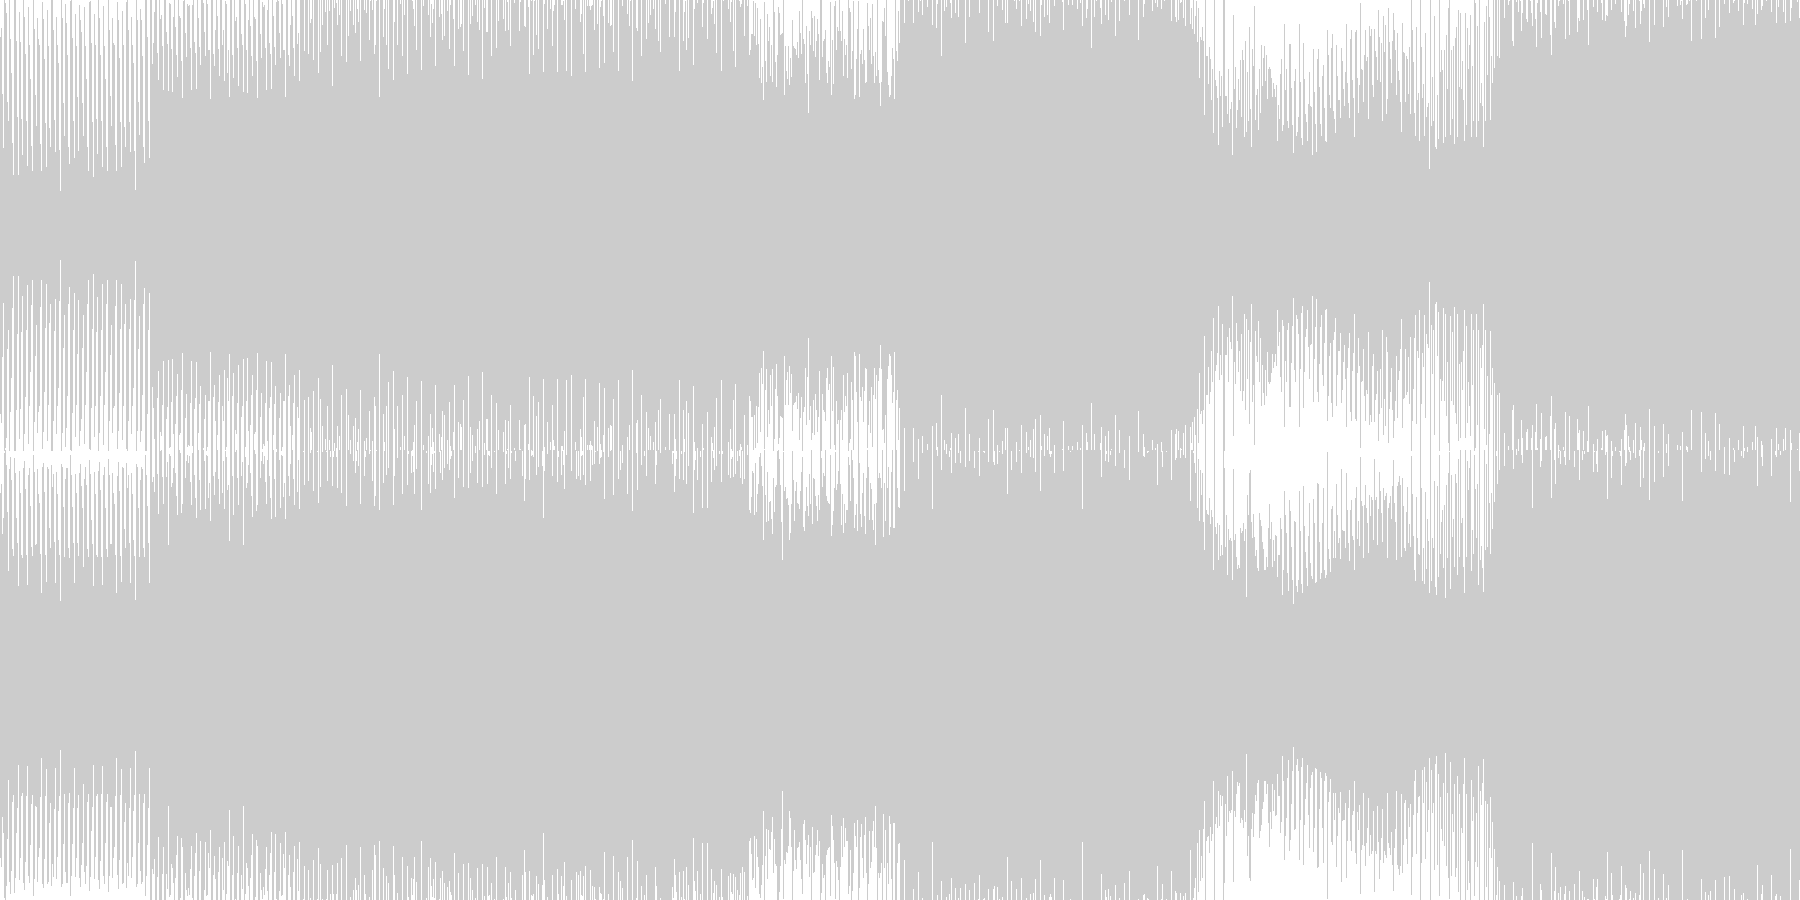 遊び心のあるピアノとストリングスの...の未再生の波形